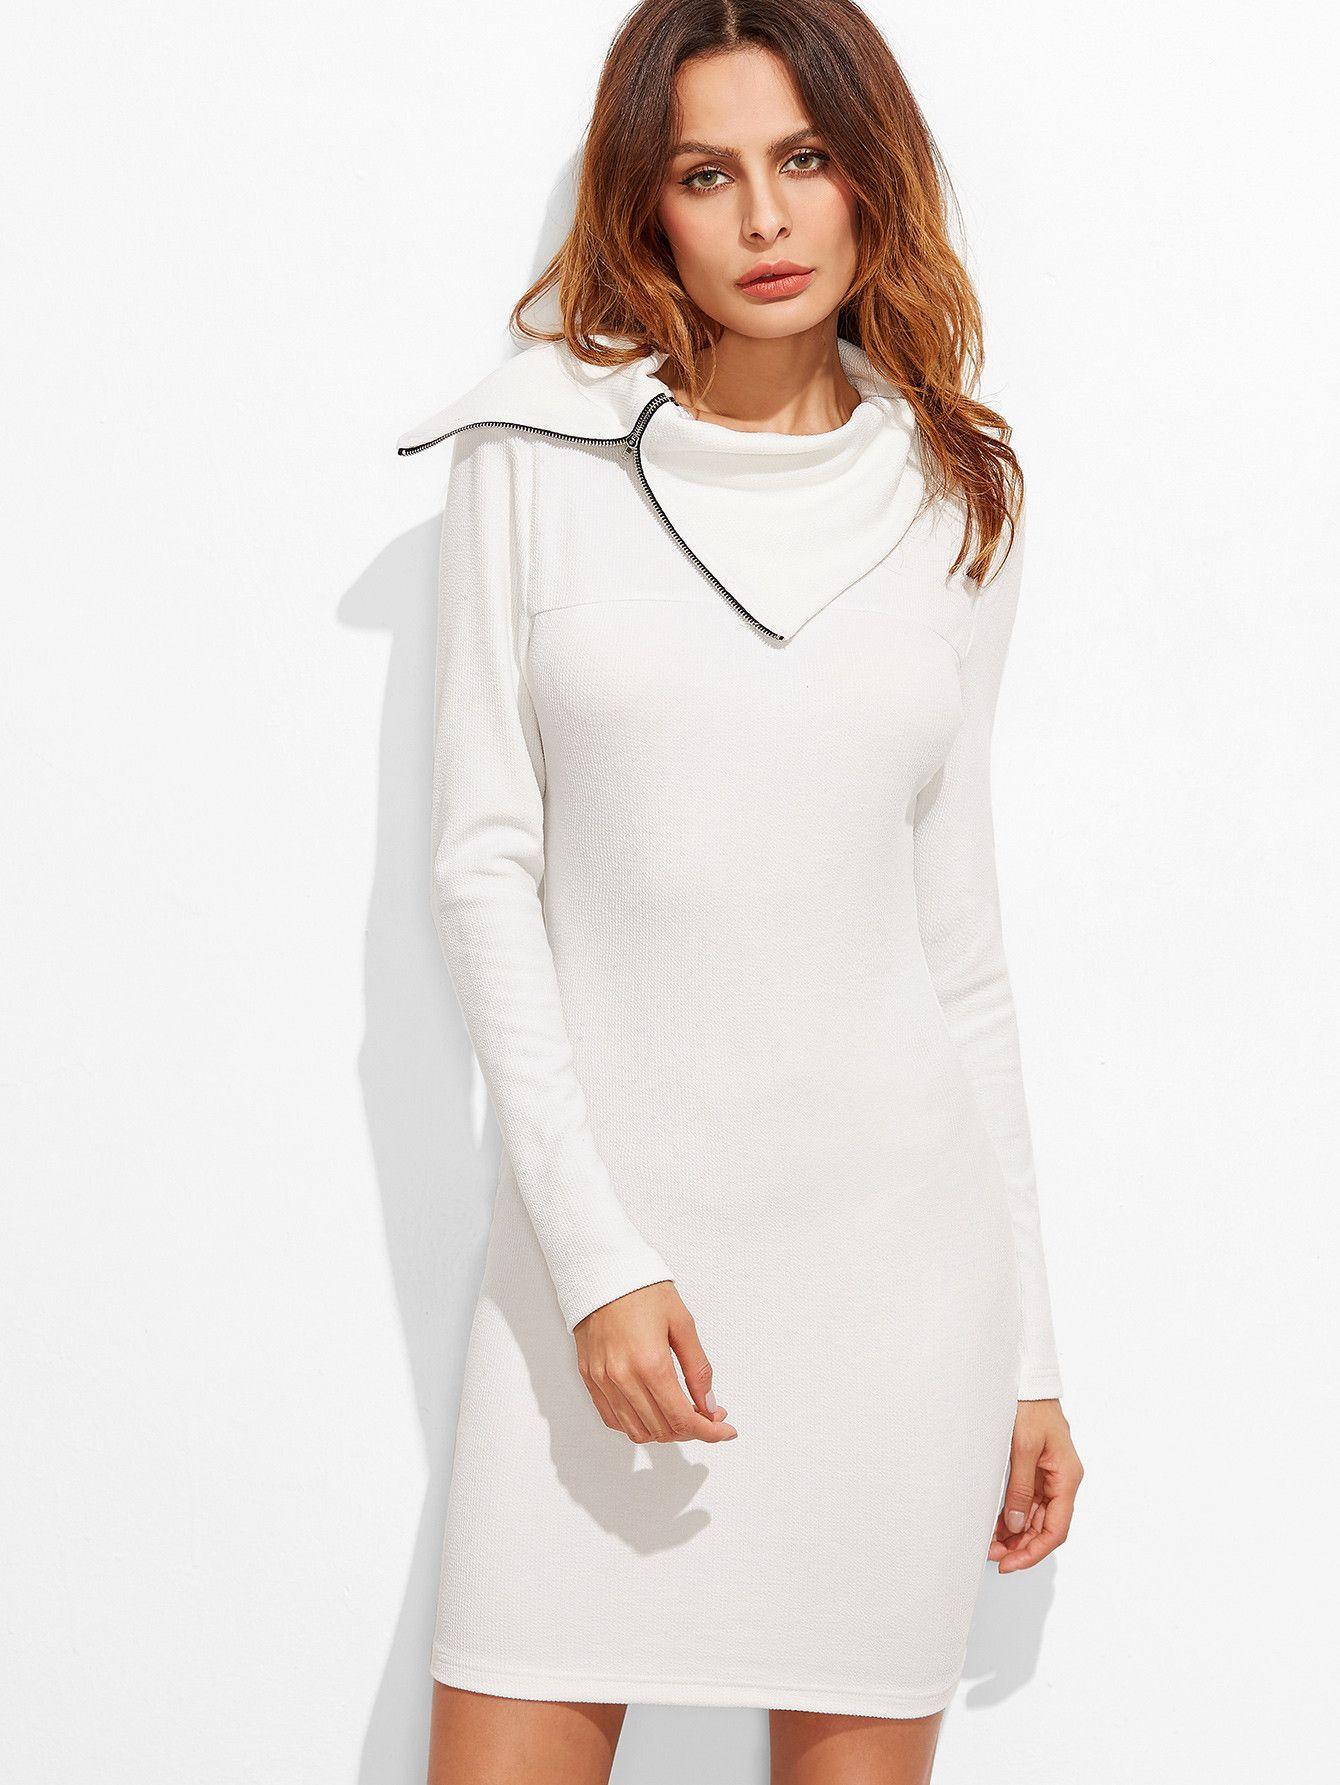 4c4a2fb8d4 White Bodycon Zipper Turtleneck Dress